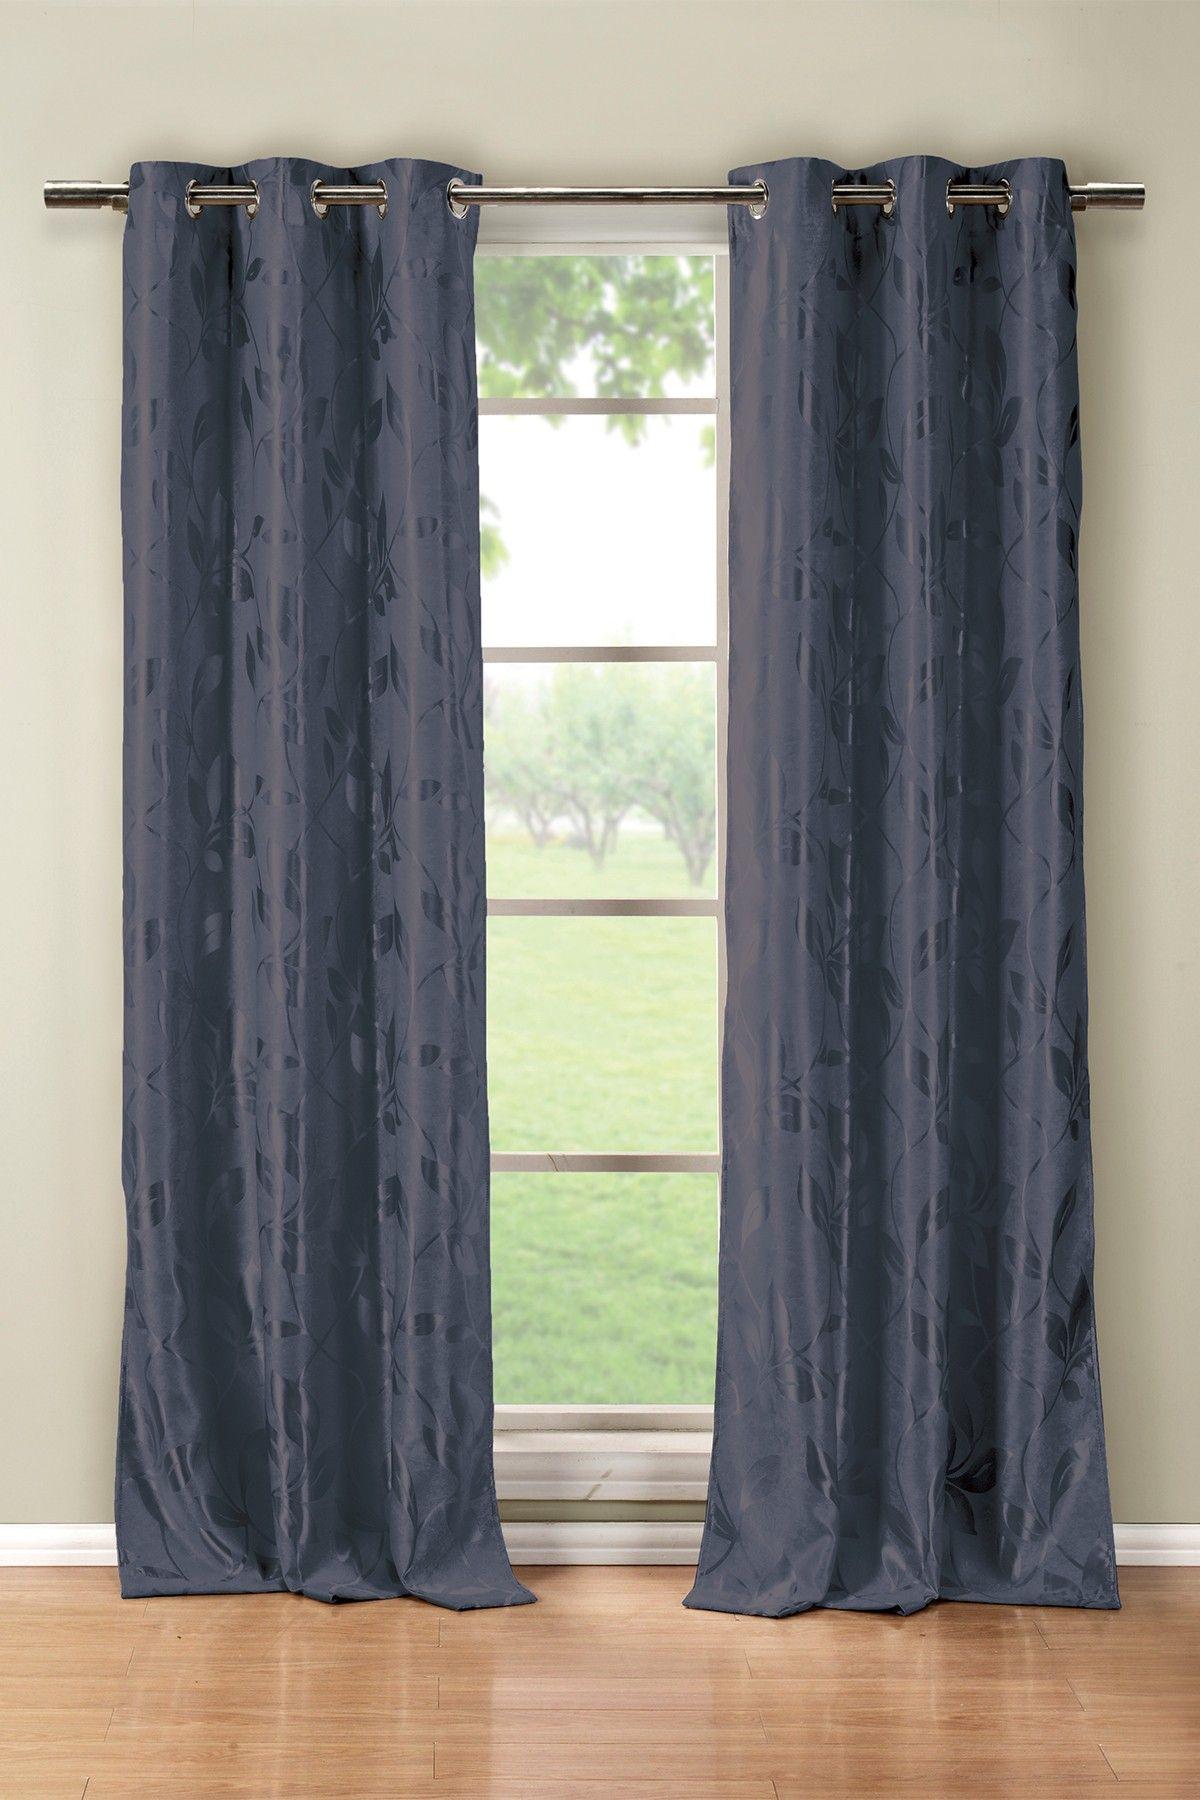 DUCK RIVER Blair Heavy Blackout Grommet Panel Curtains - Set of 2 - Blue